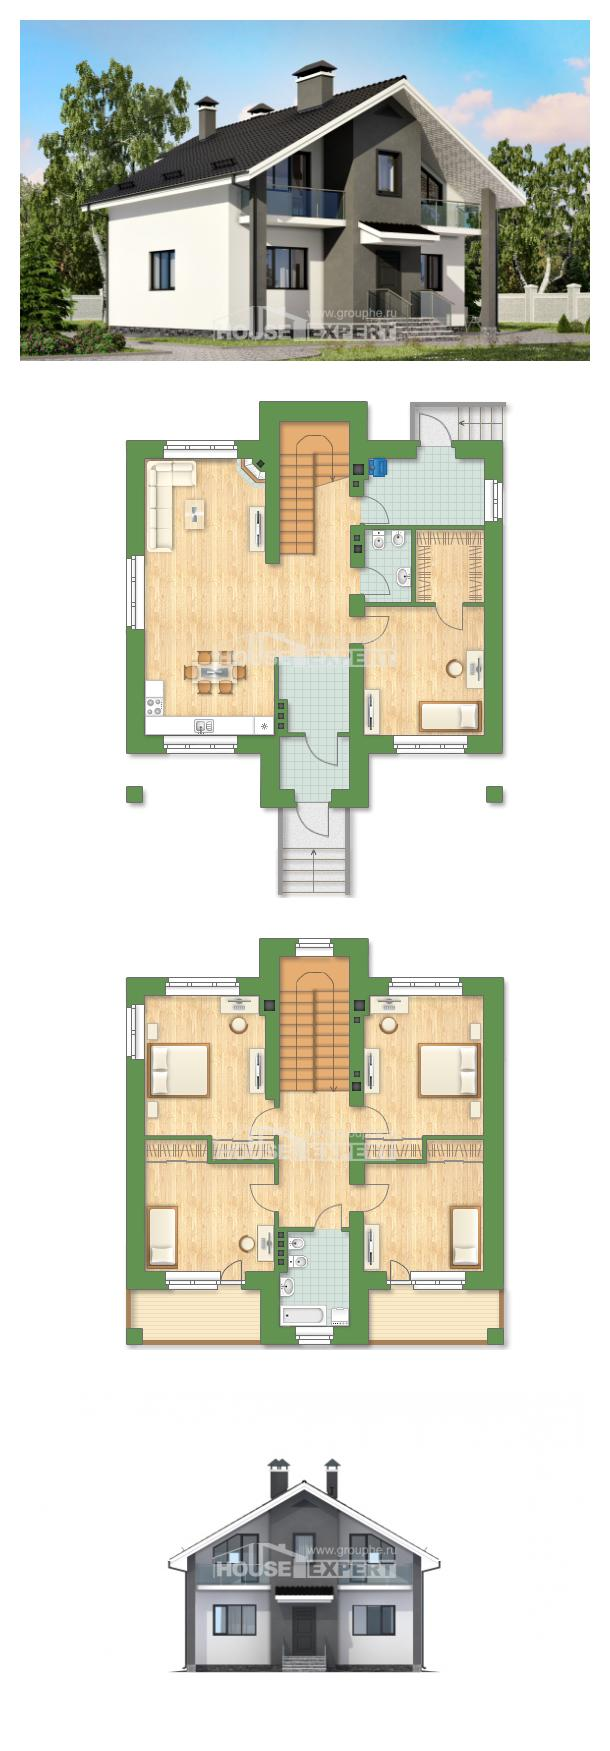 Plan 150-005-L | House Expert